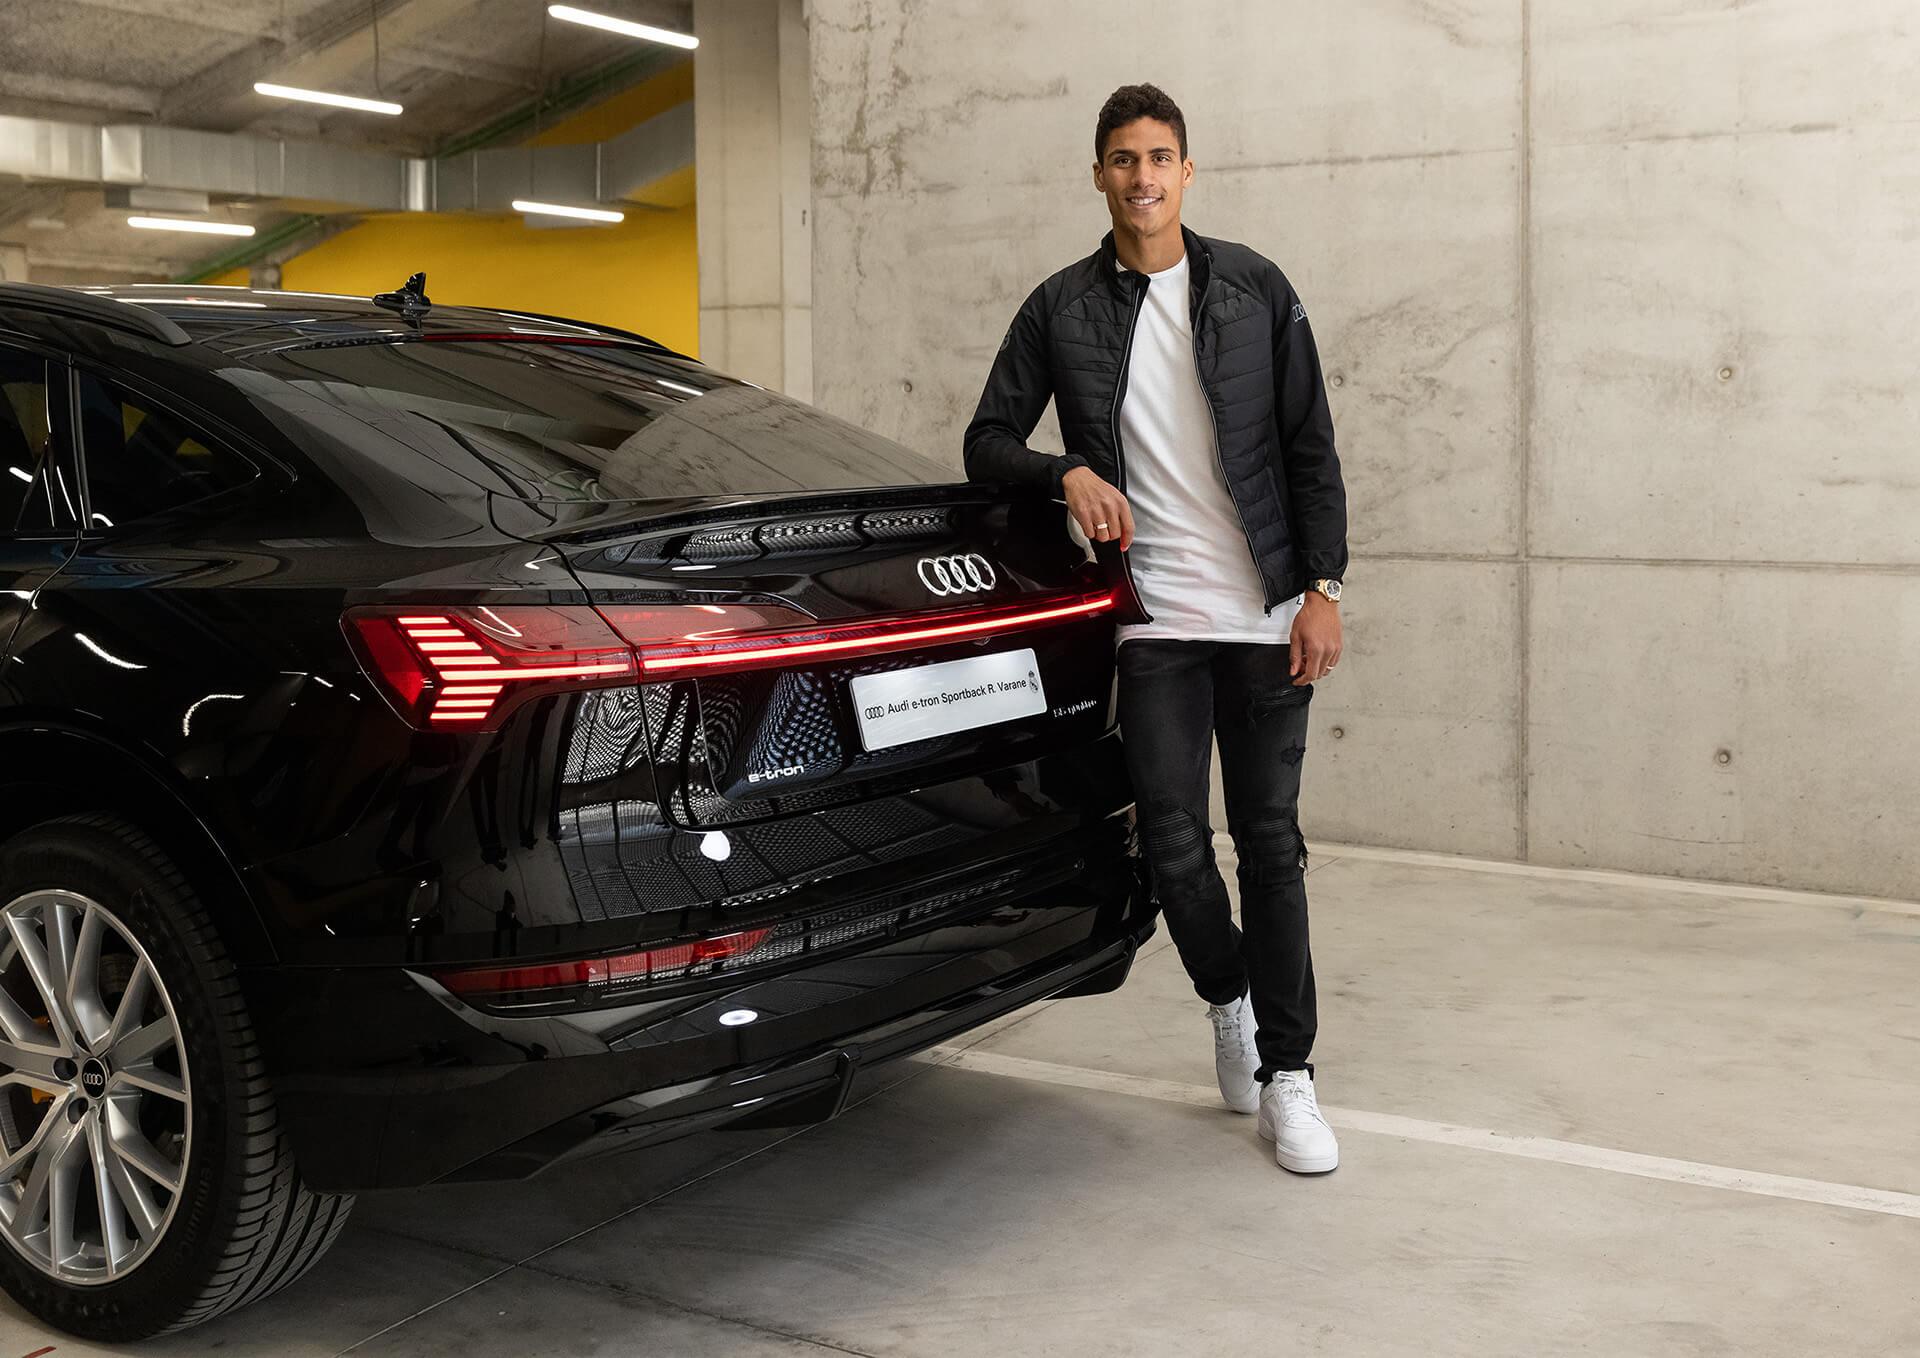 AUDI & REAL MADRID - Raphaël Varane - Audi e-tron Sportback 55 quattro